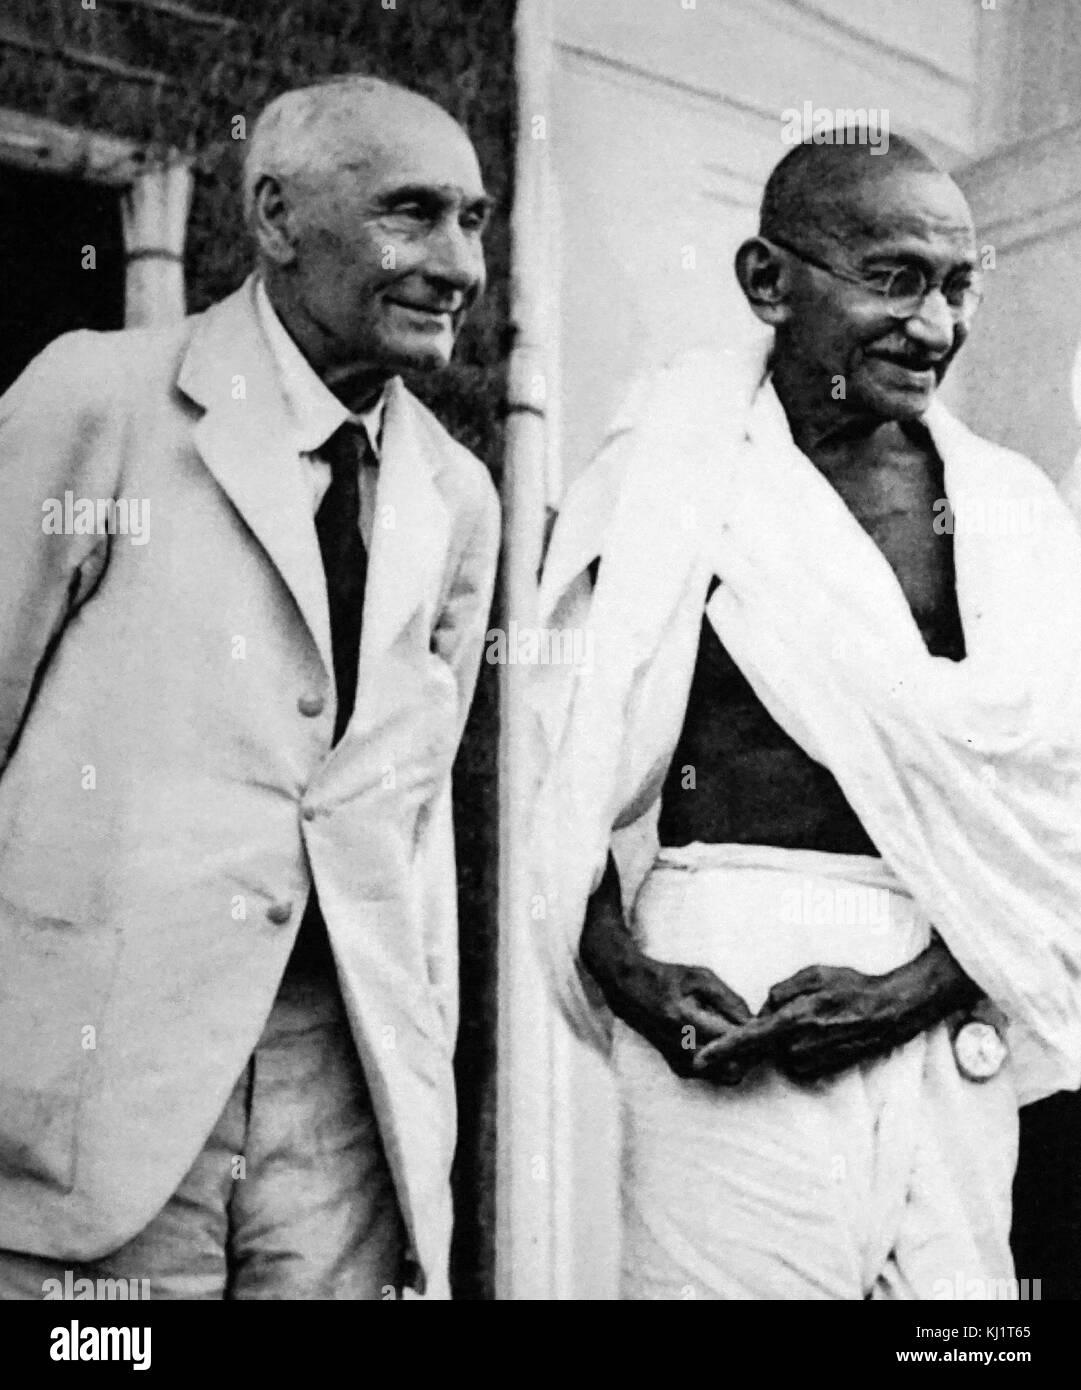 Pethwick Lawrence se réunit le Mahatma Gandhi en 1946. William Frederick Pethick-Lawrence Pethick-Lawrence, Baron, (1871 - 1961) était un homme politique. De 1945 à 1947 il a été secrétaire d'État pour l'Inde et de la Birmanie, avec un siège dans le cabinet, et a participé aux négociations qui ont mené à l'indépendance de l'Inde en 1947 Banque D'Images